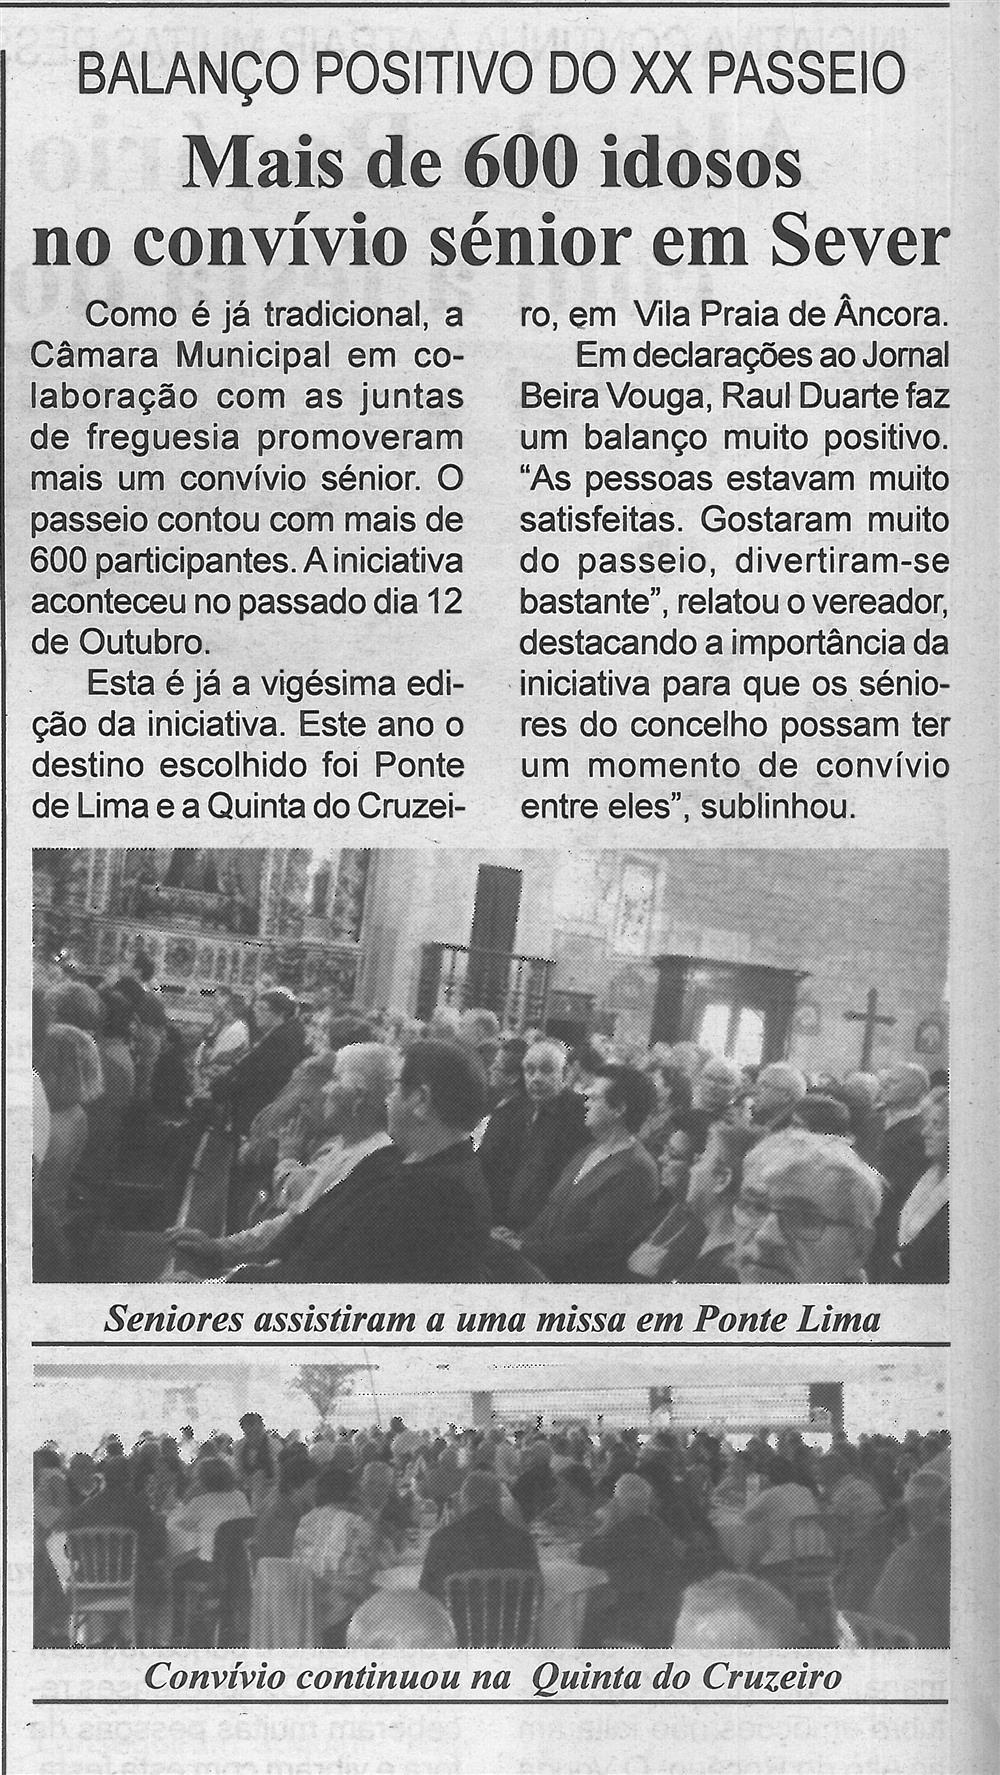 BV-2.ªout.'18-p.10-Mais de 600 idosos no convívio sénior em Sever : balanço positivo do XX Passeio.jpg